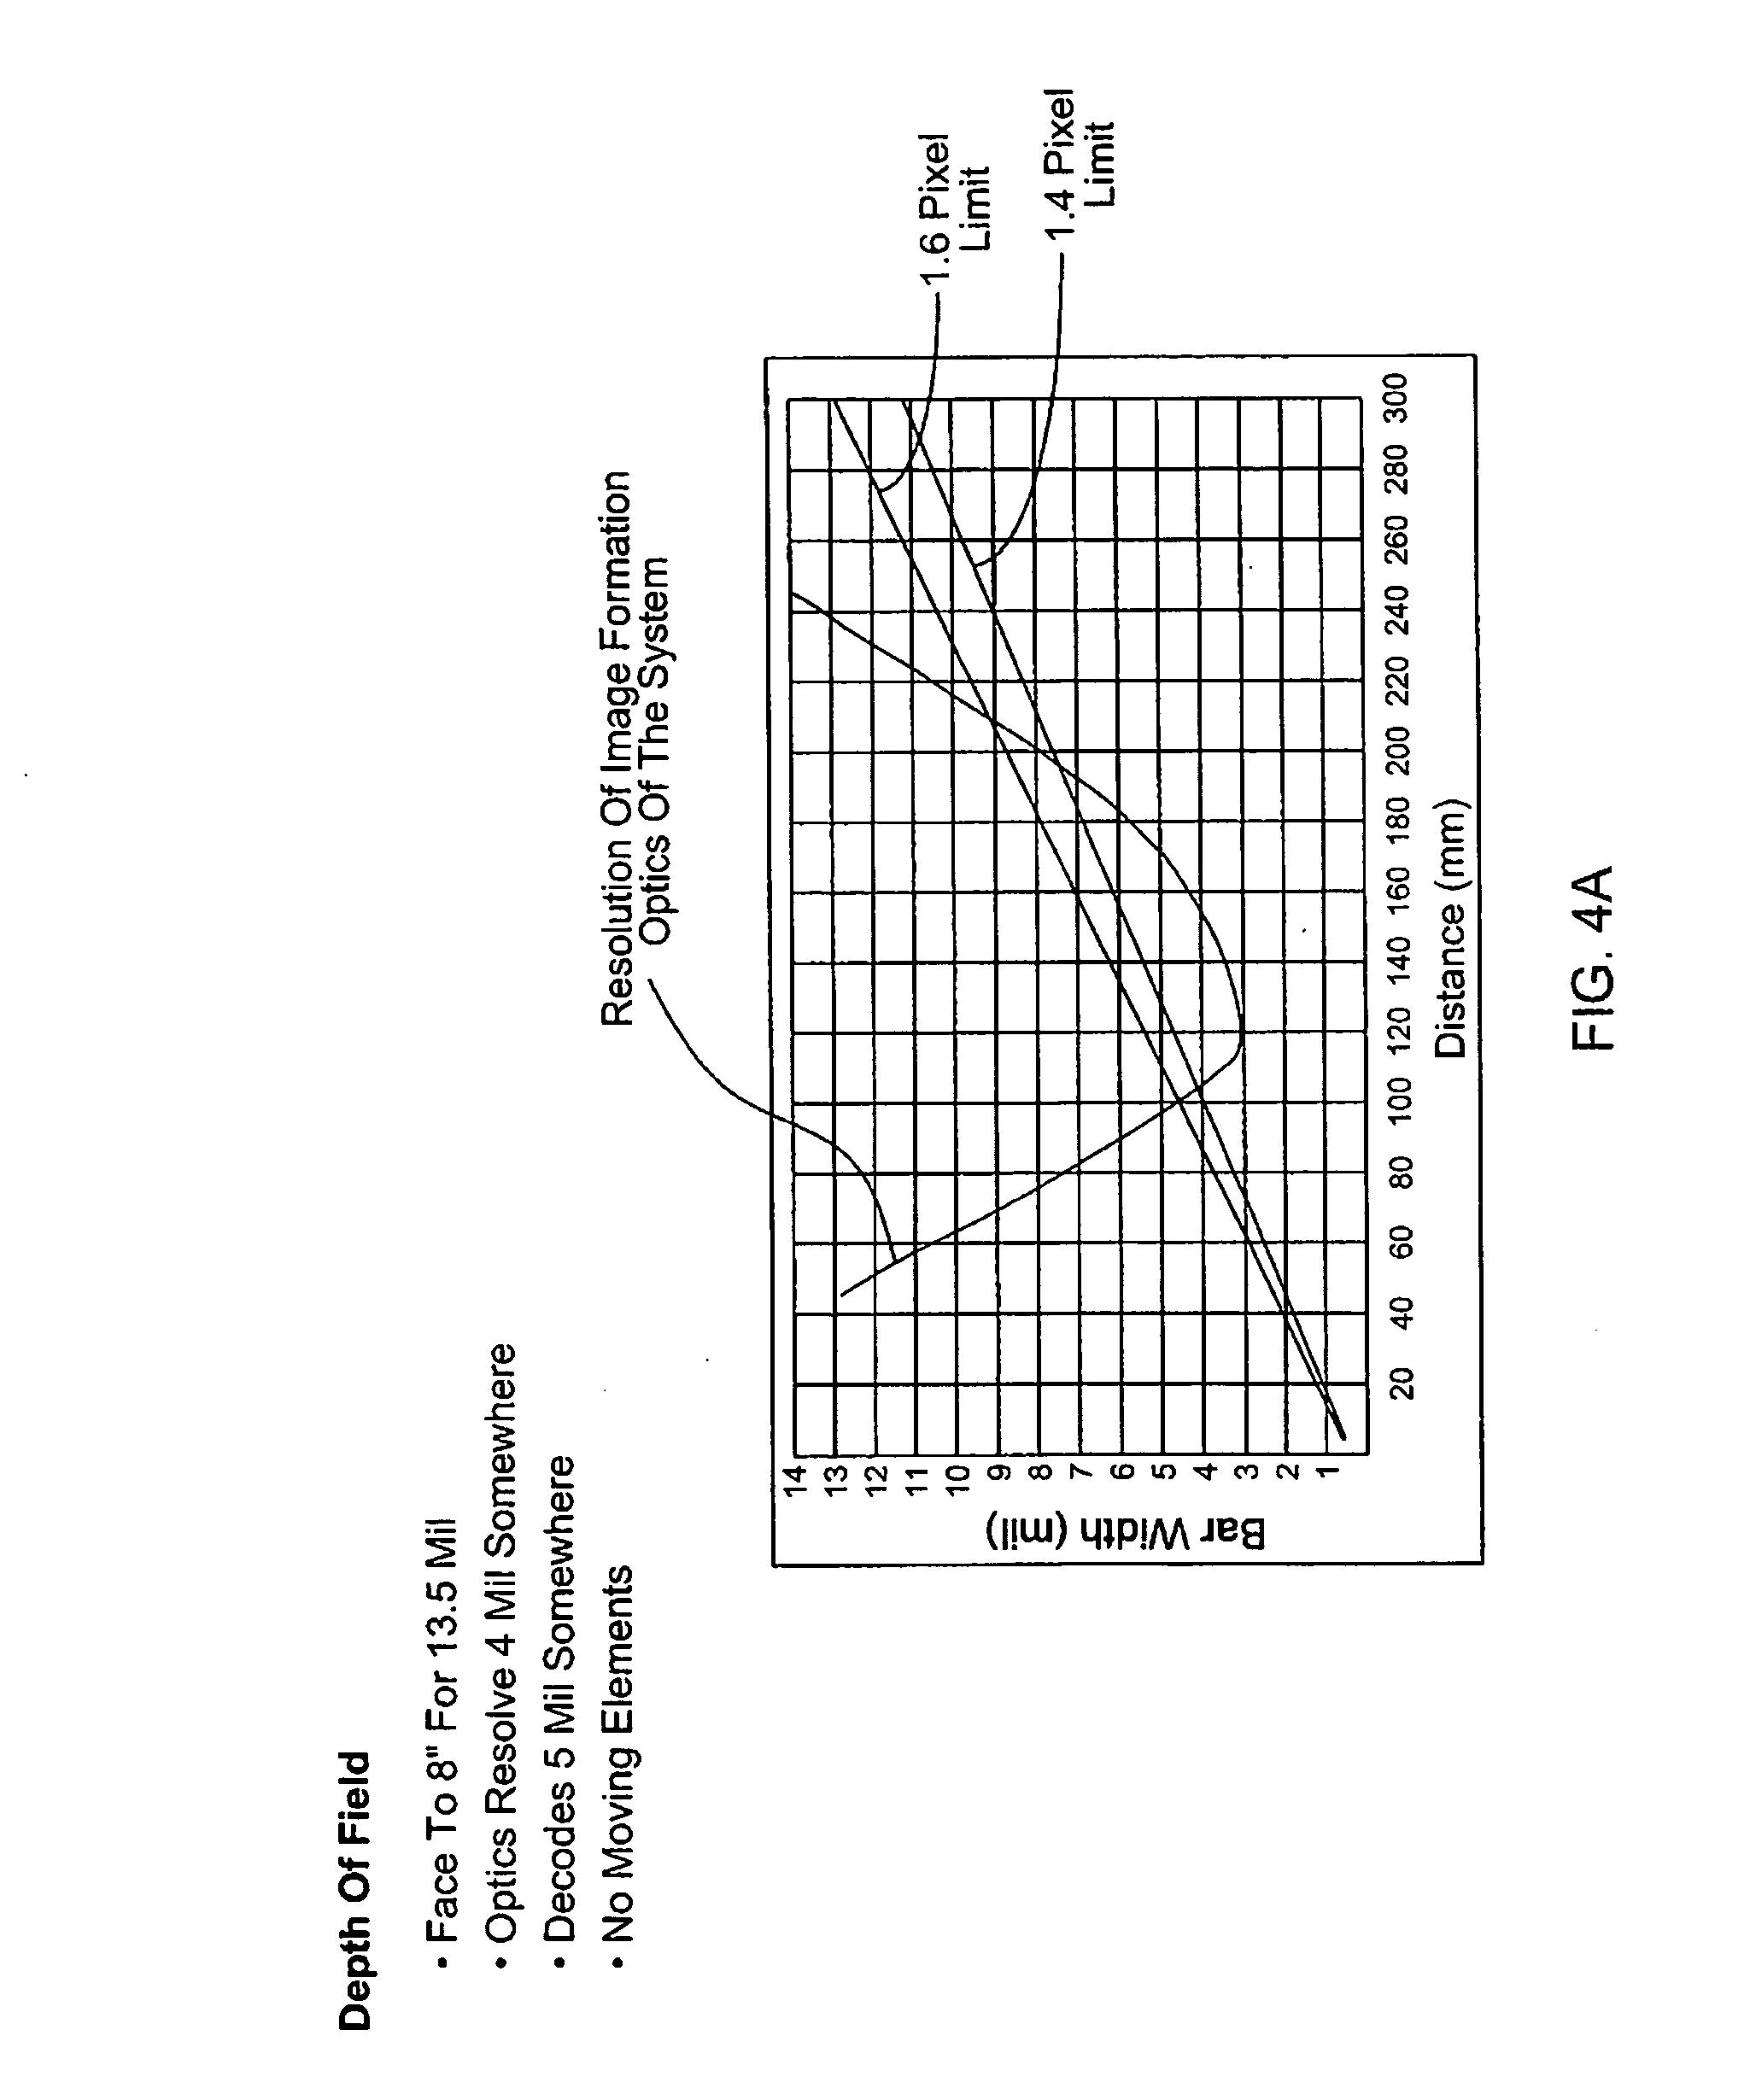 patent us20060278711